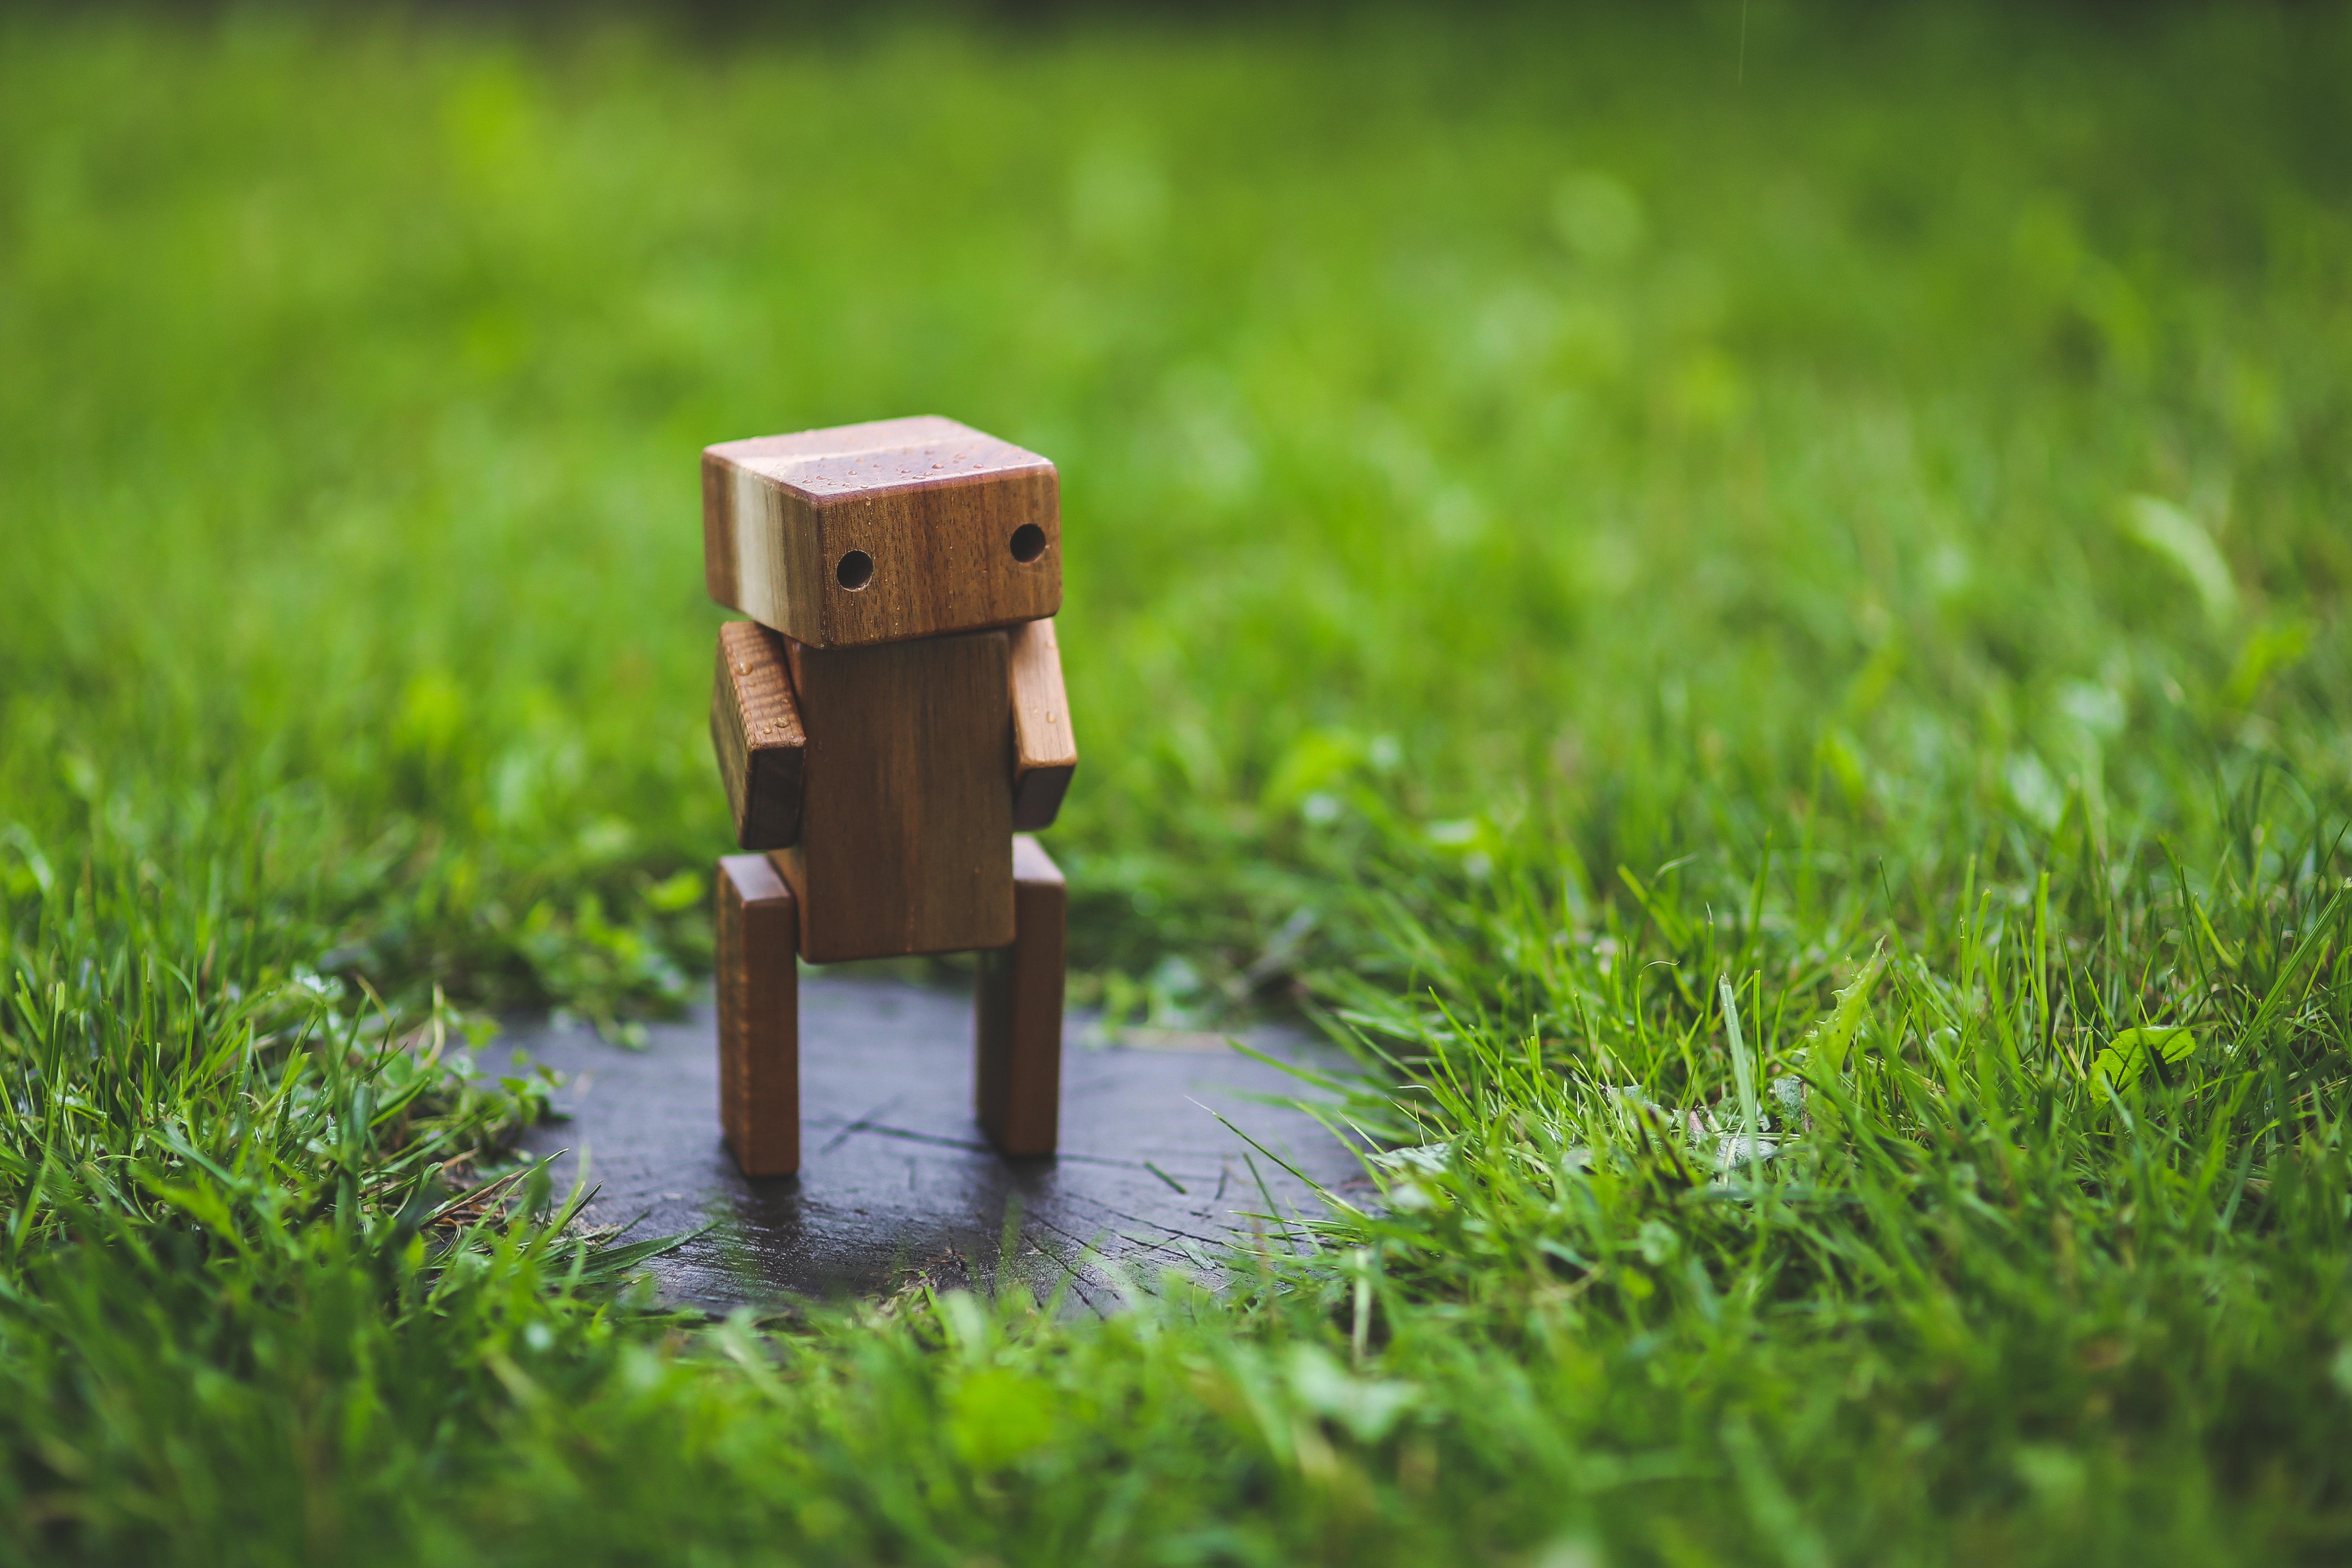 Wooden Robot, Diy, Grass, Green, Handmade, HQ Photo